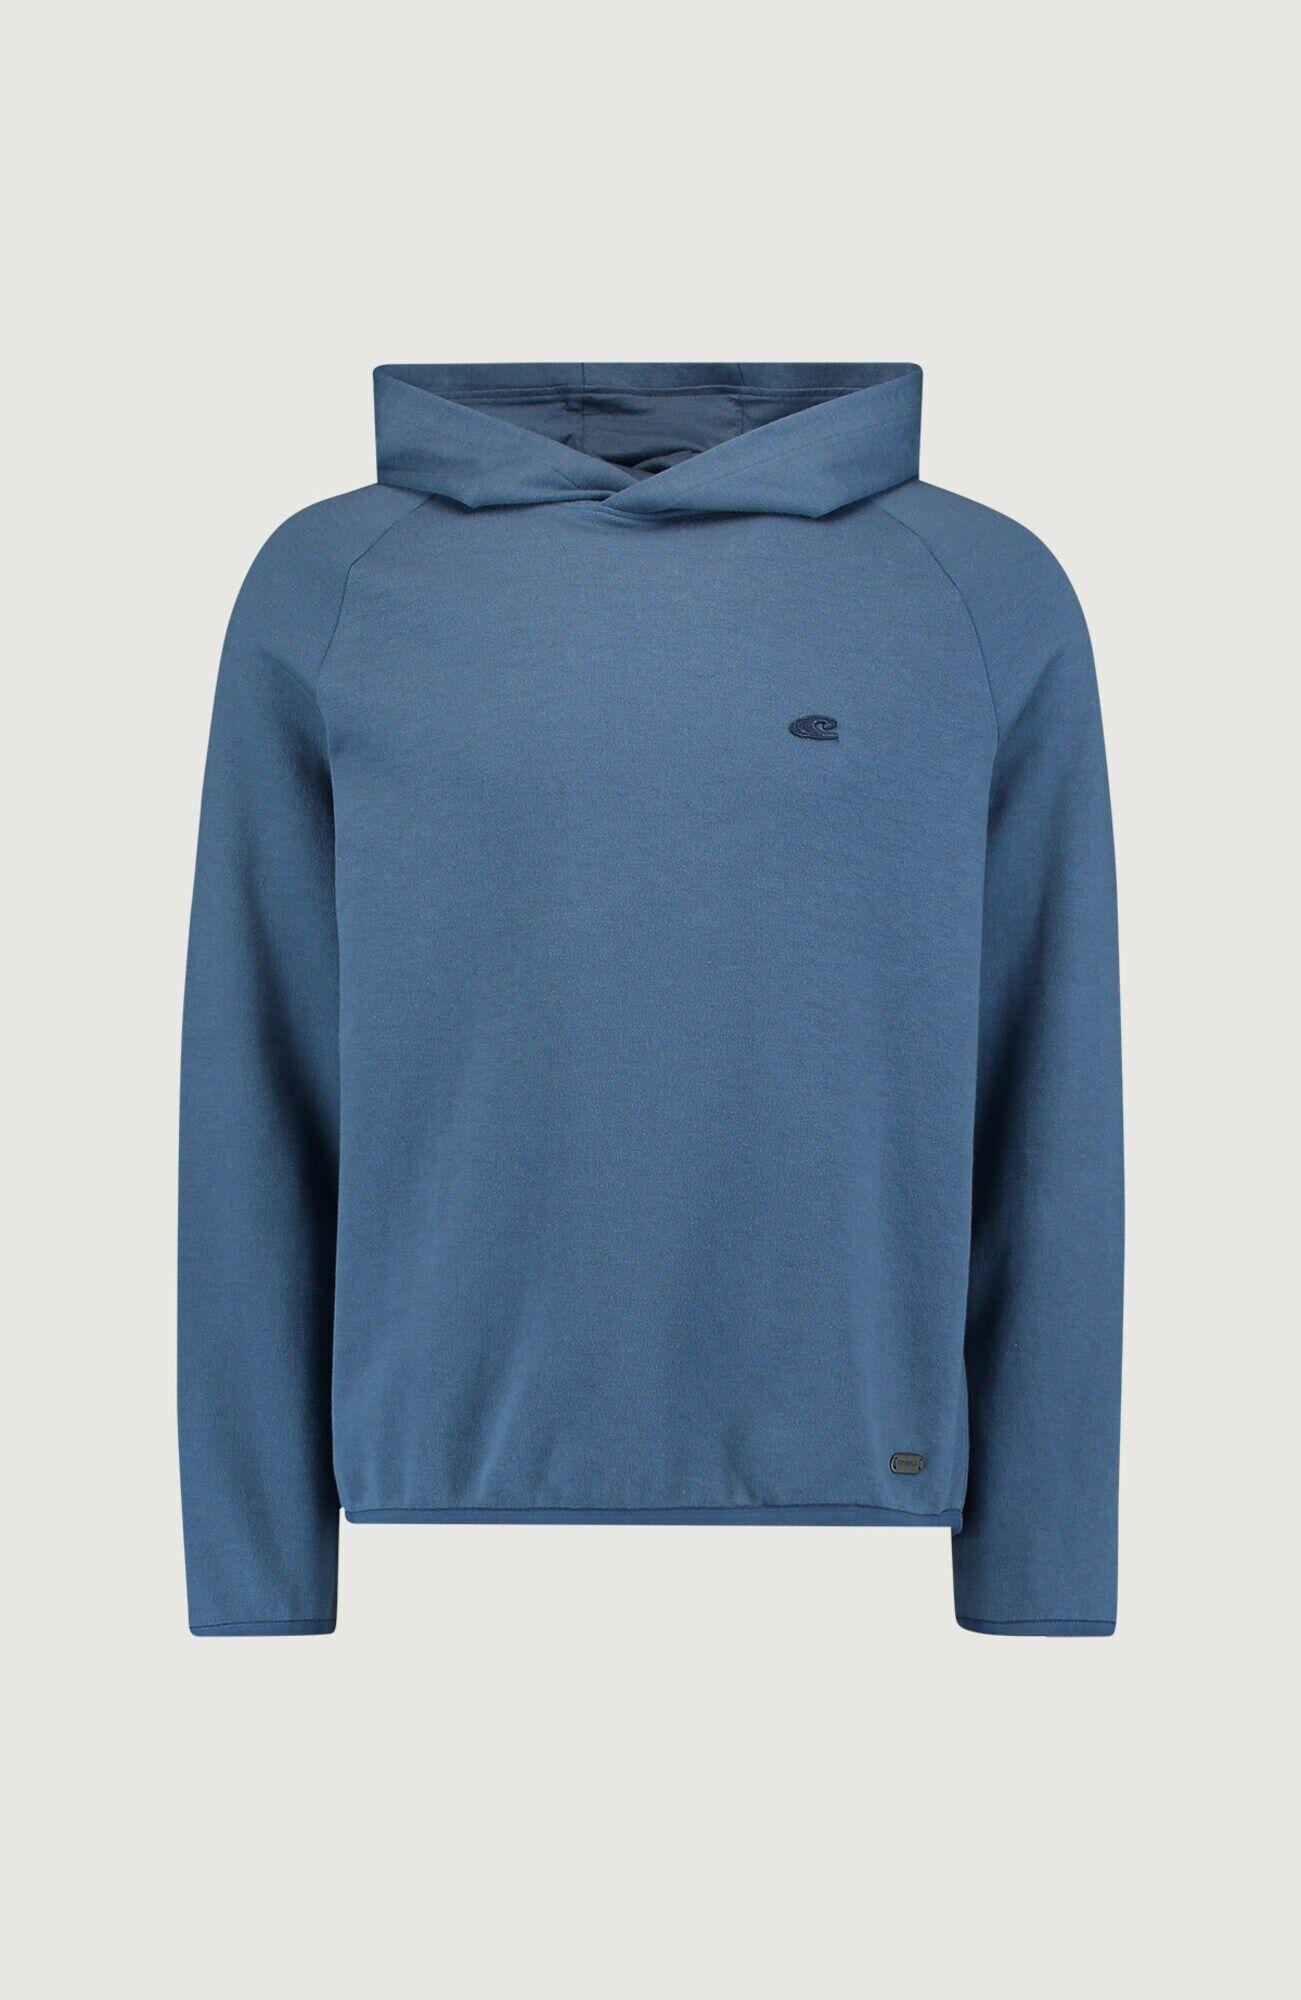 O'NEILL Sweat-shirt 'Transit'  - Bleu - Taille: S - male